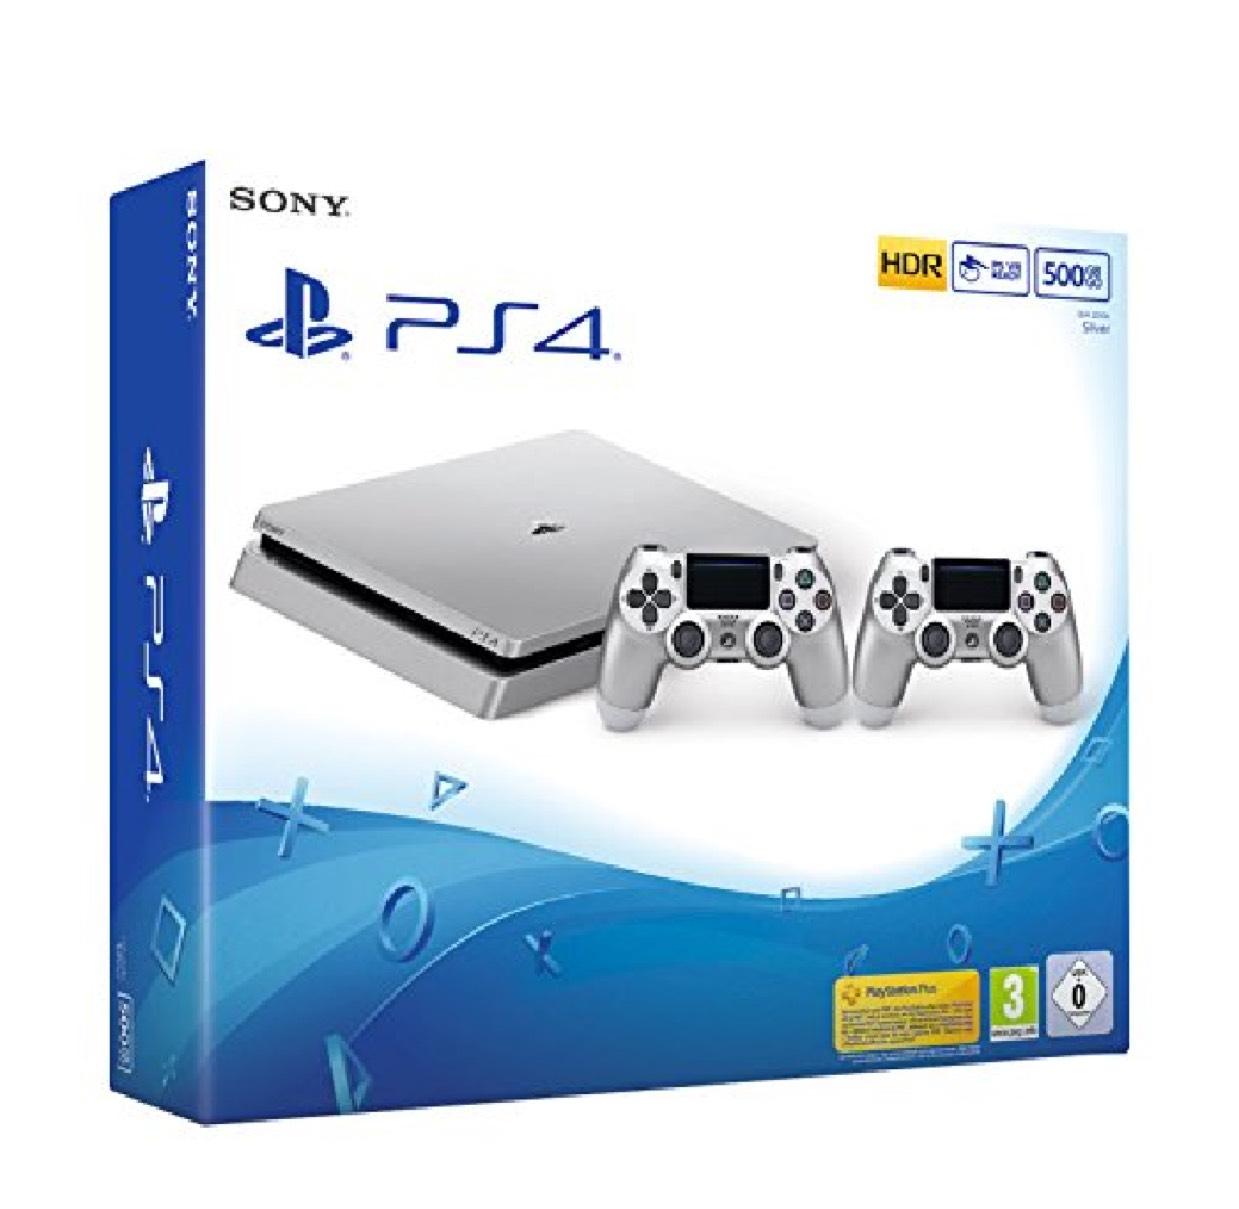 Pack Console PS4 Slim (Silver) - 500 Go + 2ème Manette